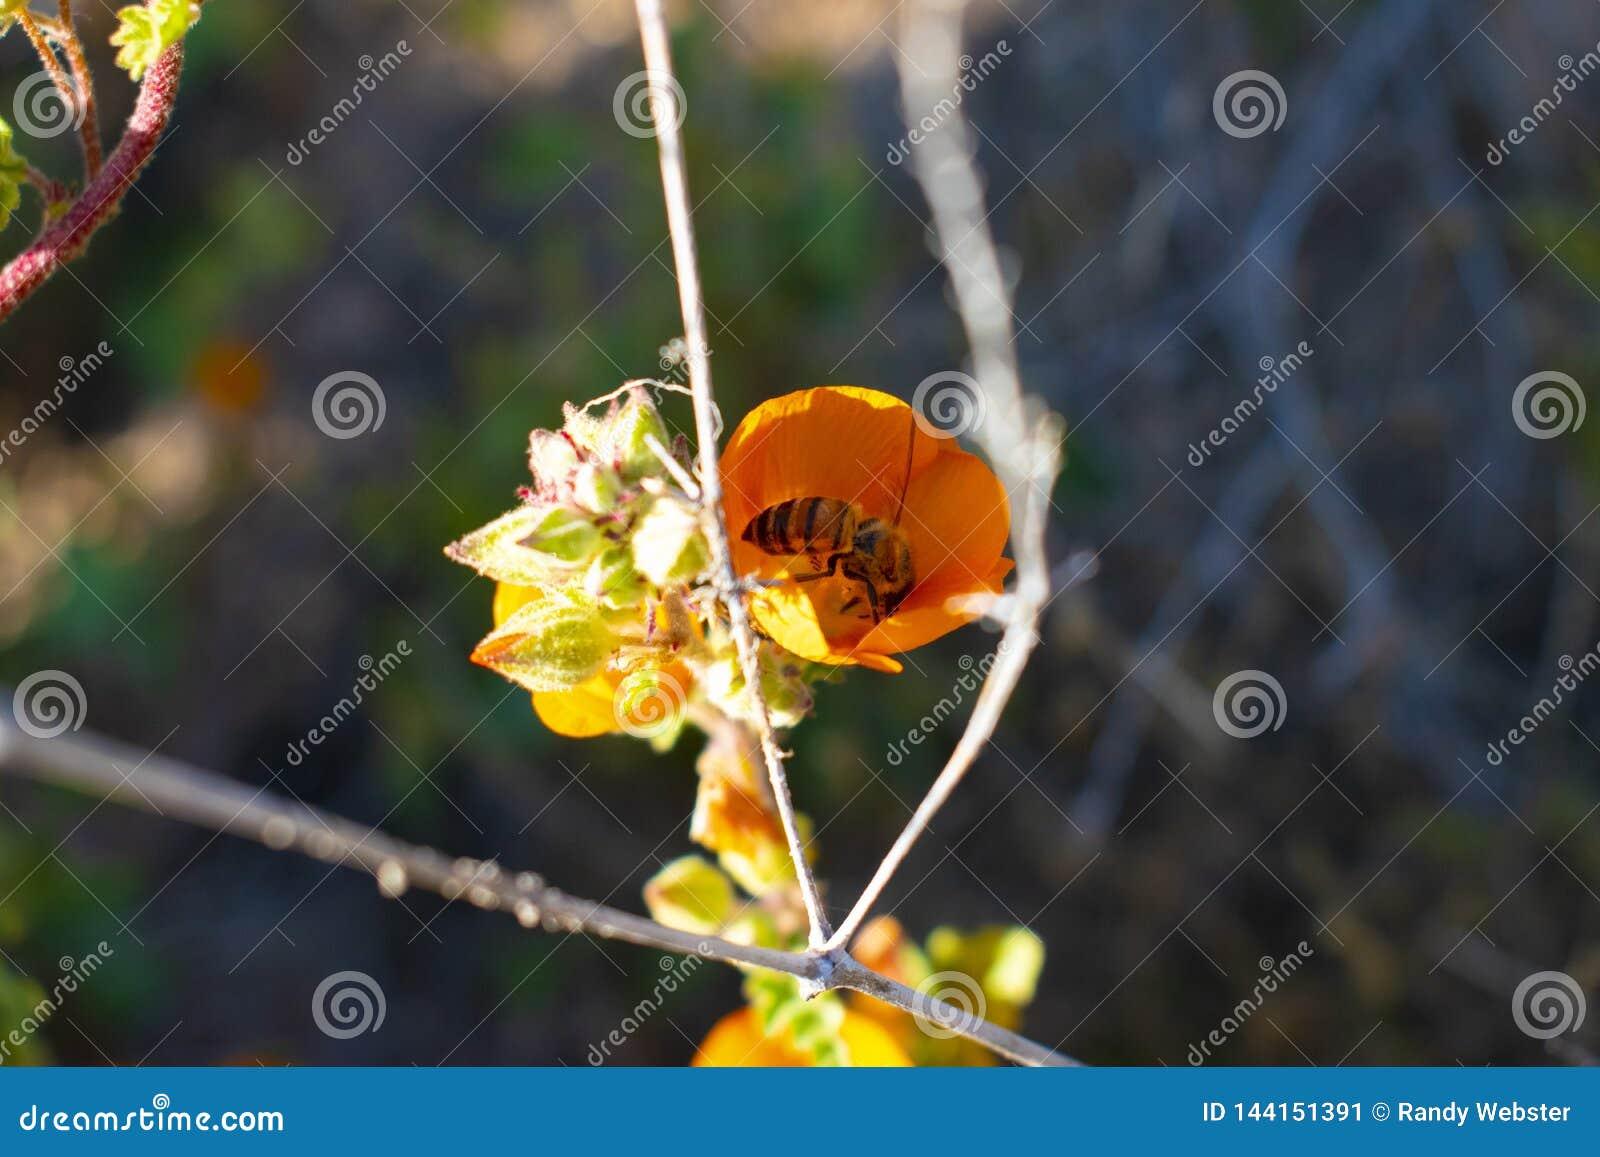 Arizona ökenblomma med ett bi